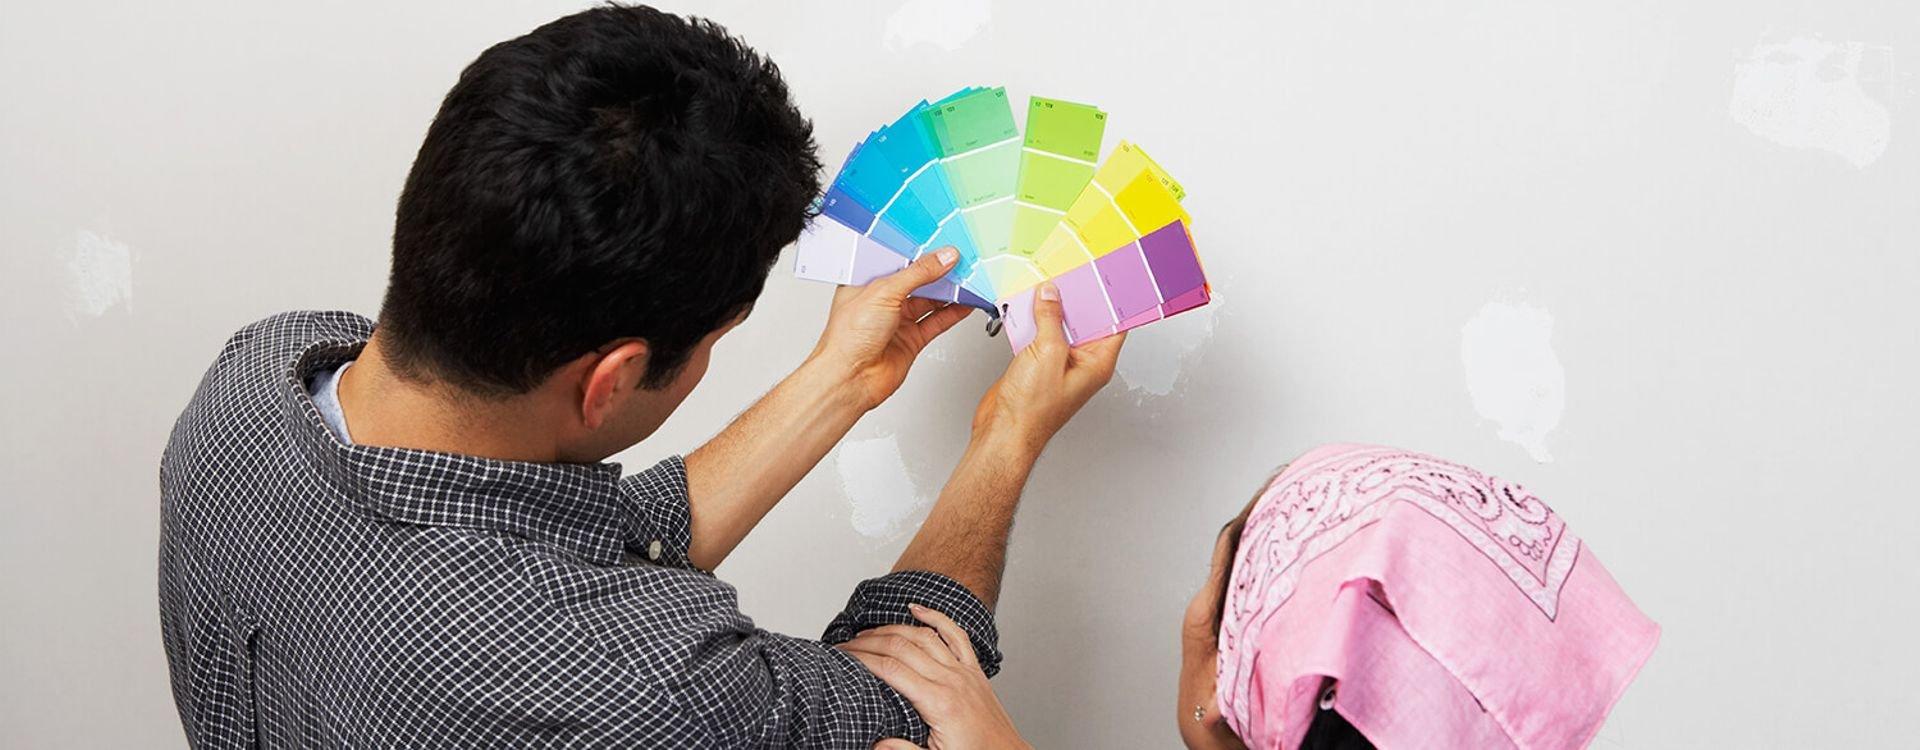 اختر لون ونوع دهان المنزل بعناية